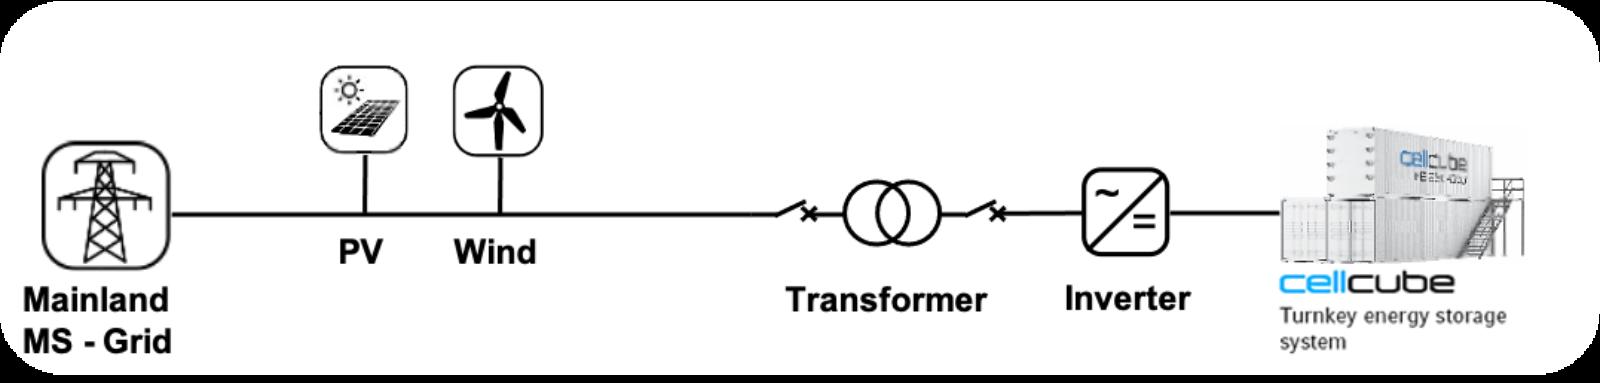 CellCube Projetcs EVN Flowchart